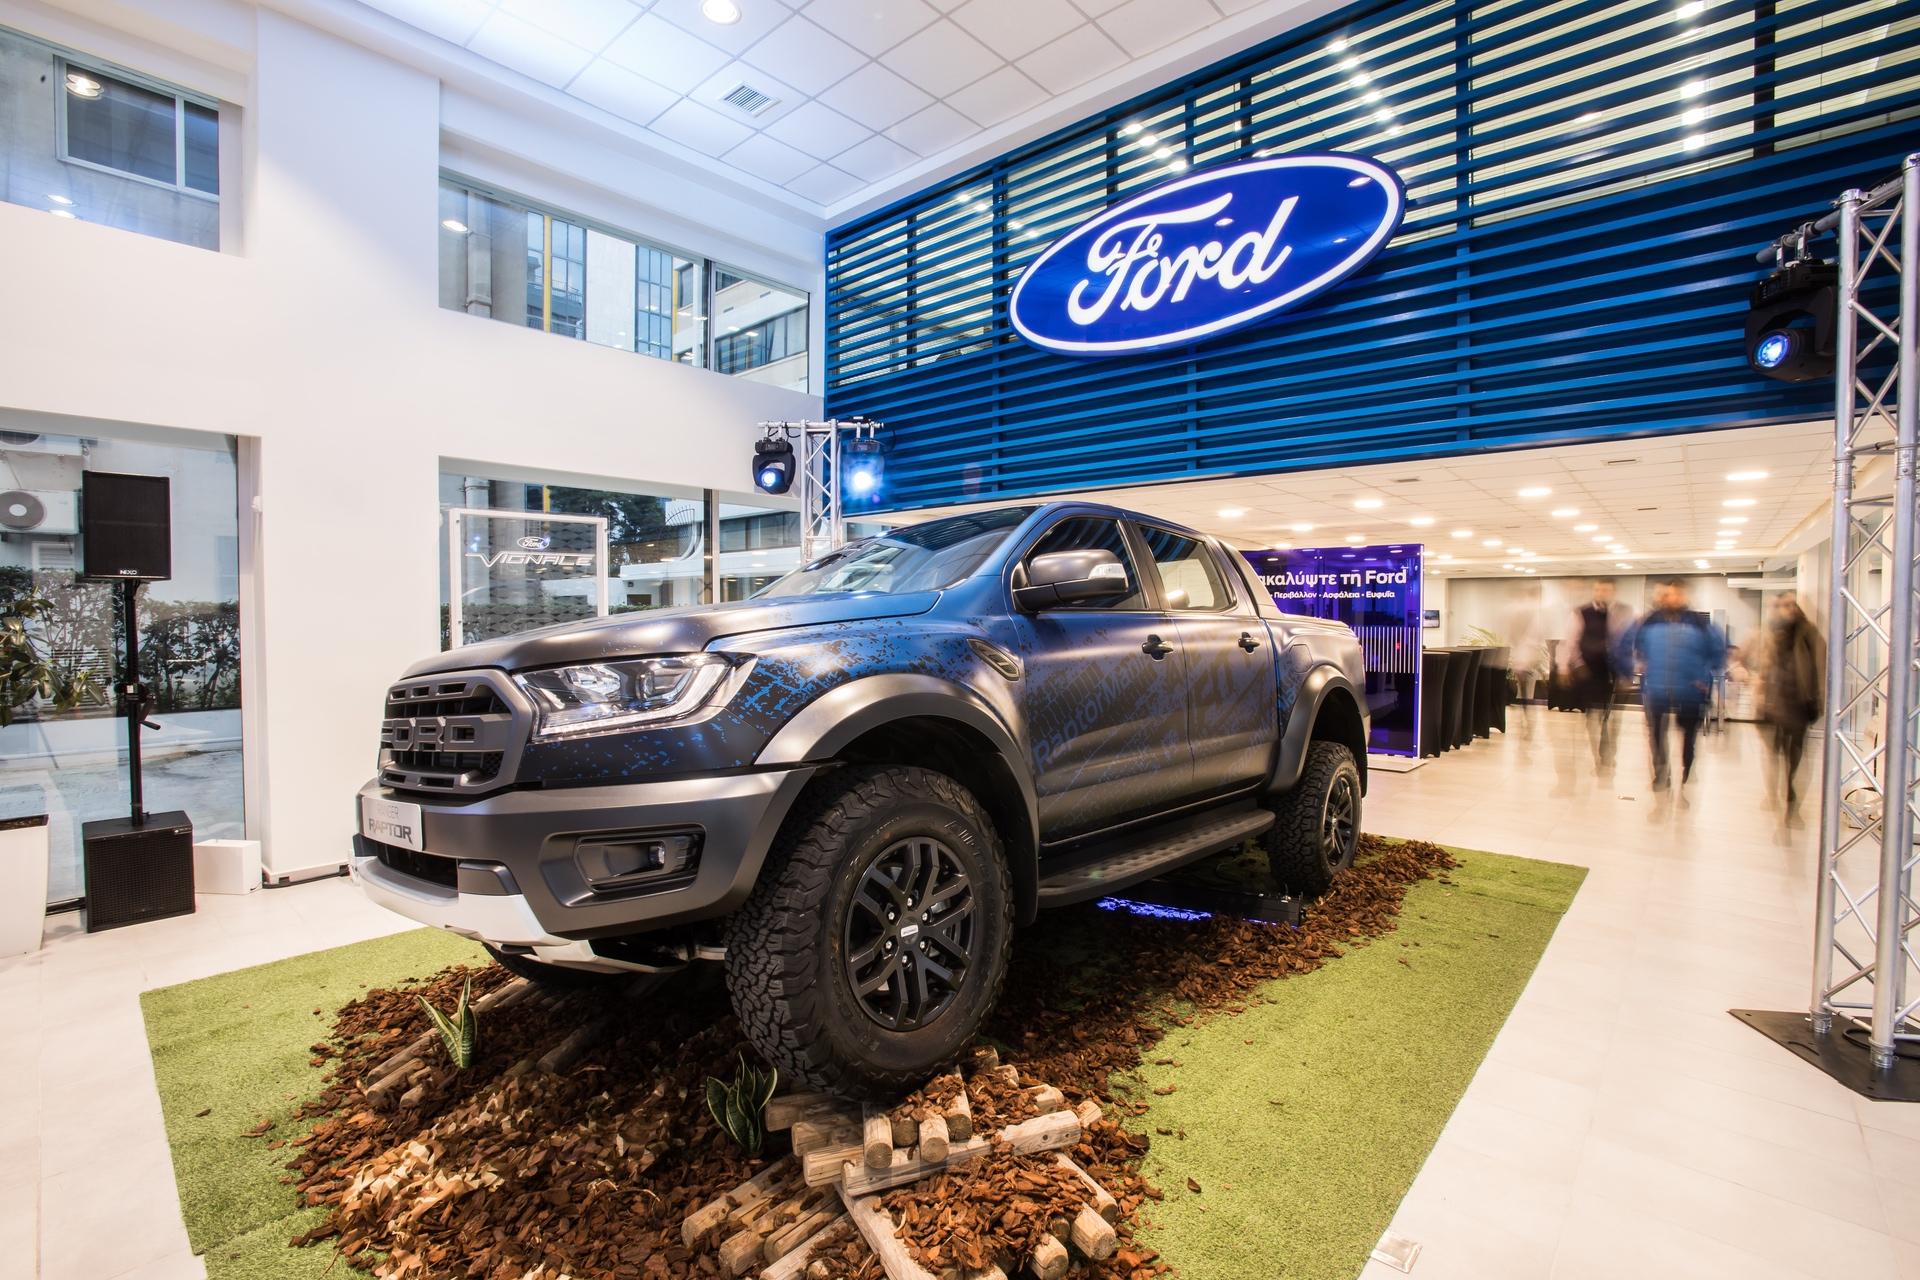 Ford_Ranger_Raptor_greek_resentation_0014